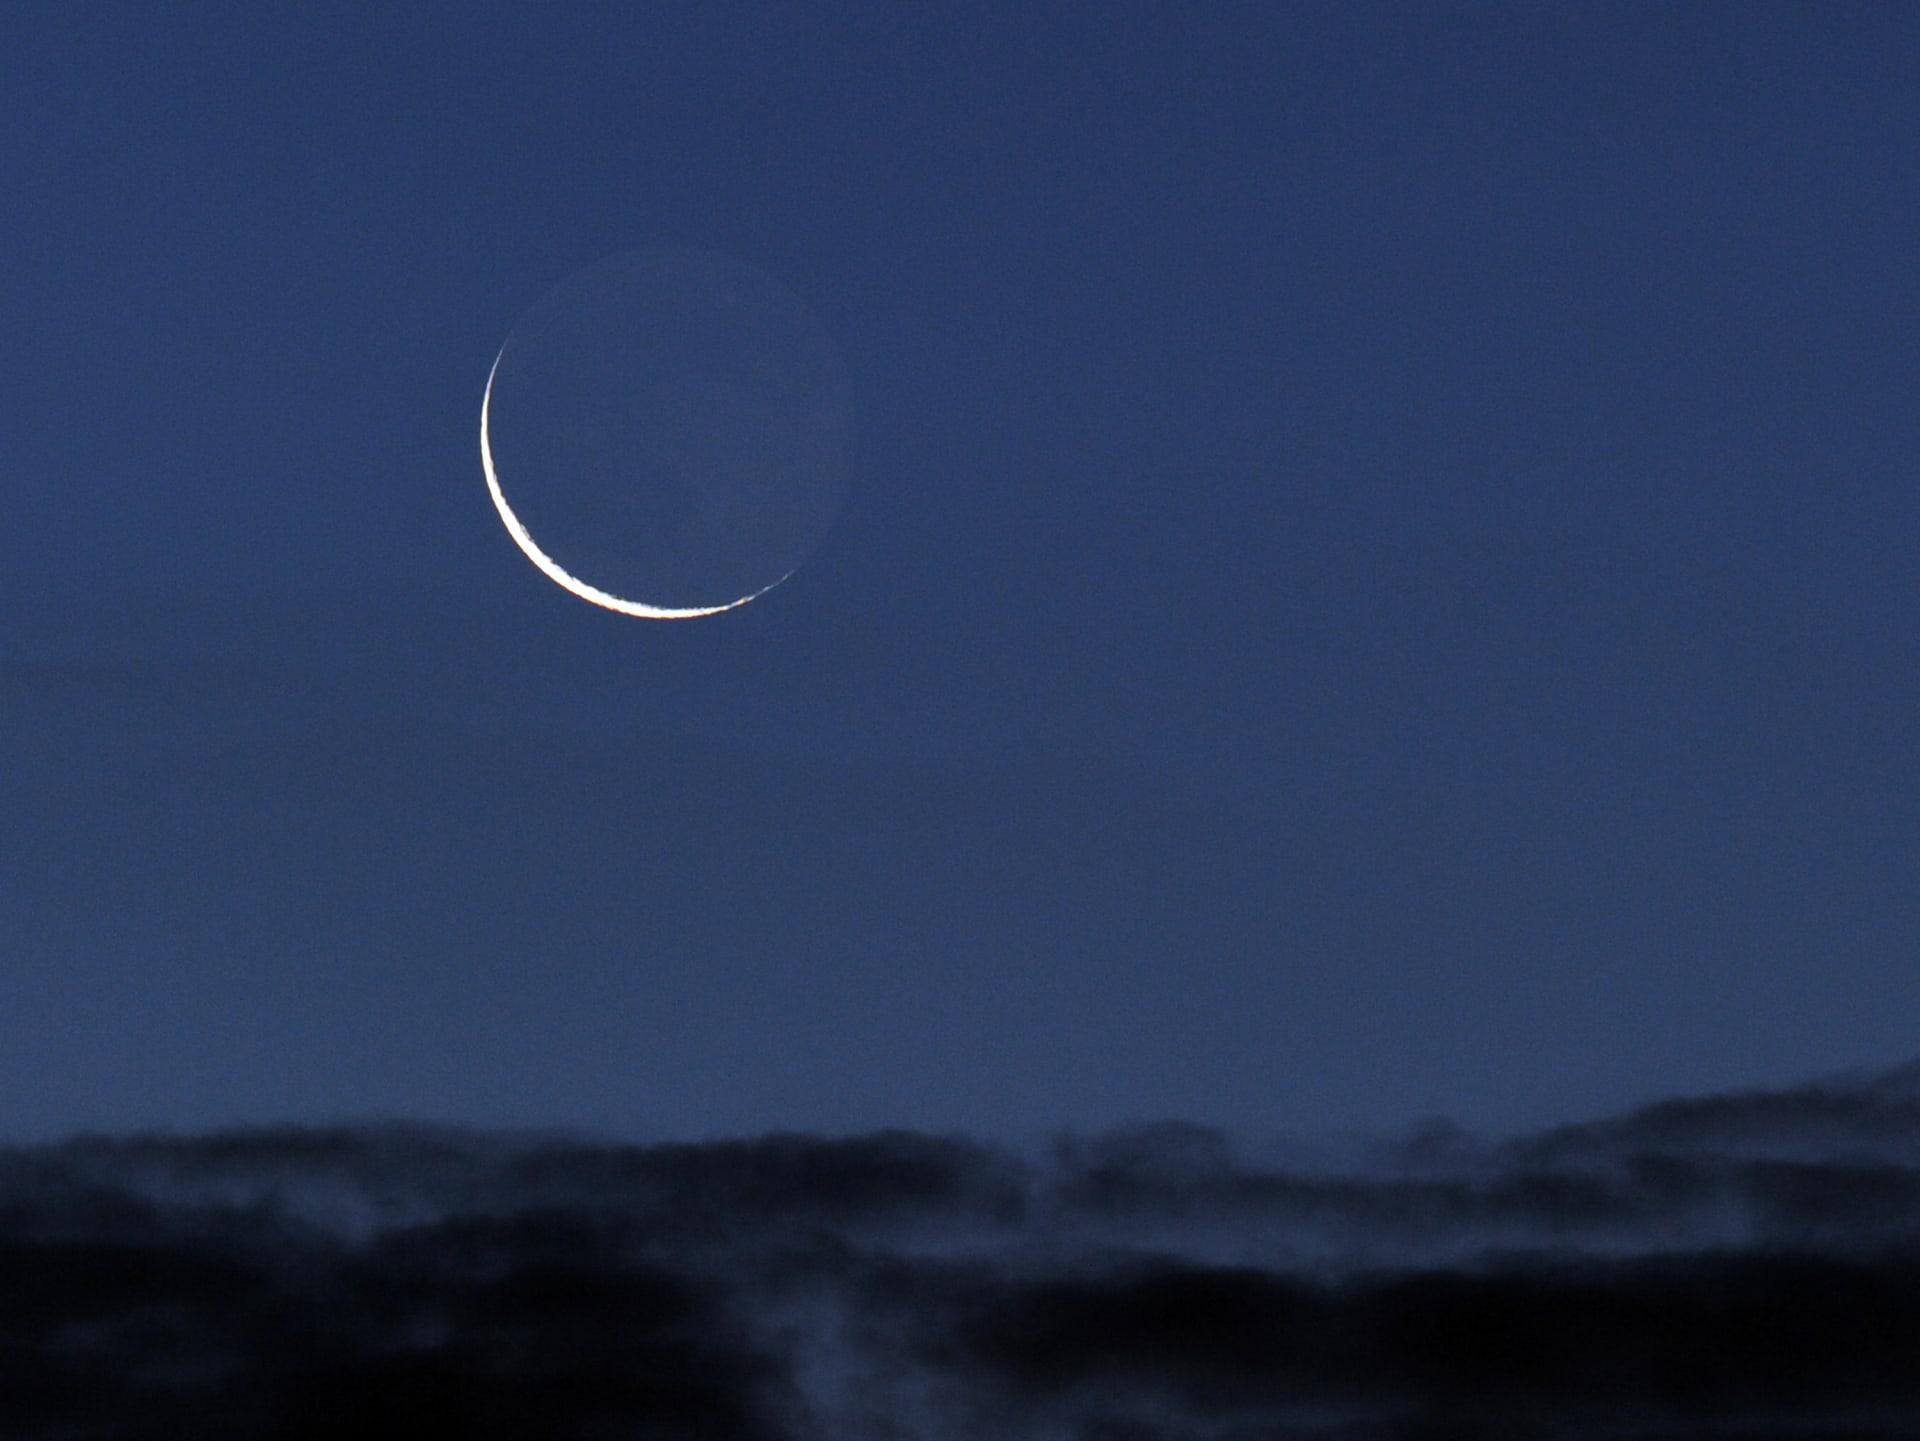 تركيا وقطر تحددان أول أيام شهر رمضان.. وجلسة ترائي أخرى في السعودية